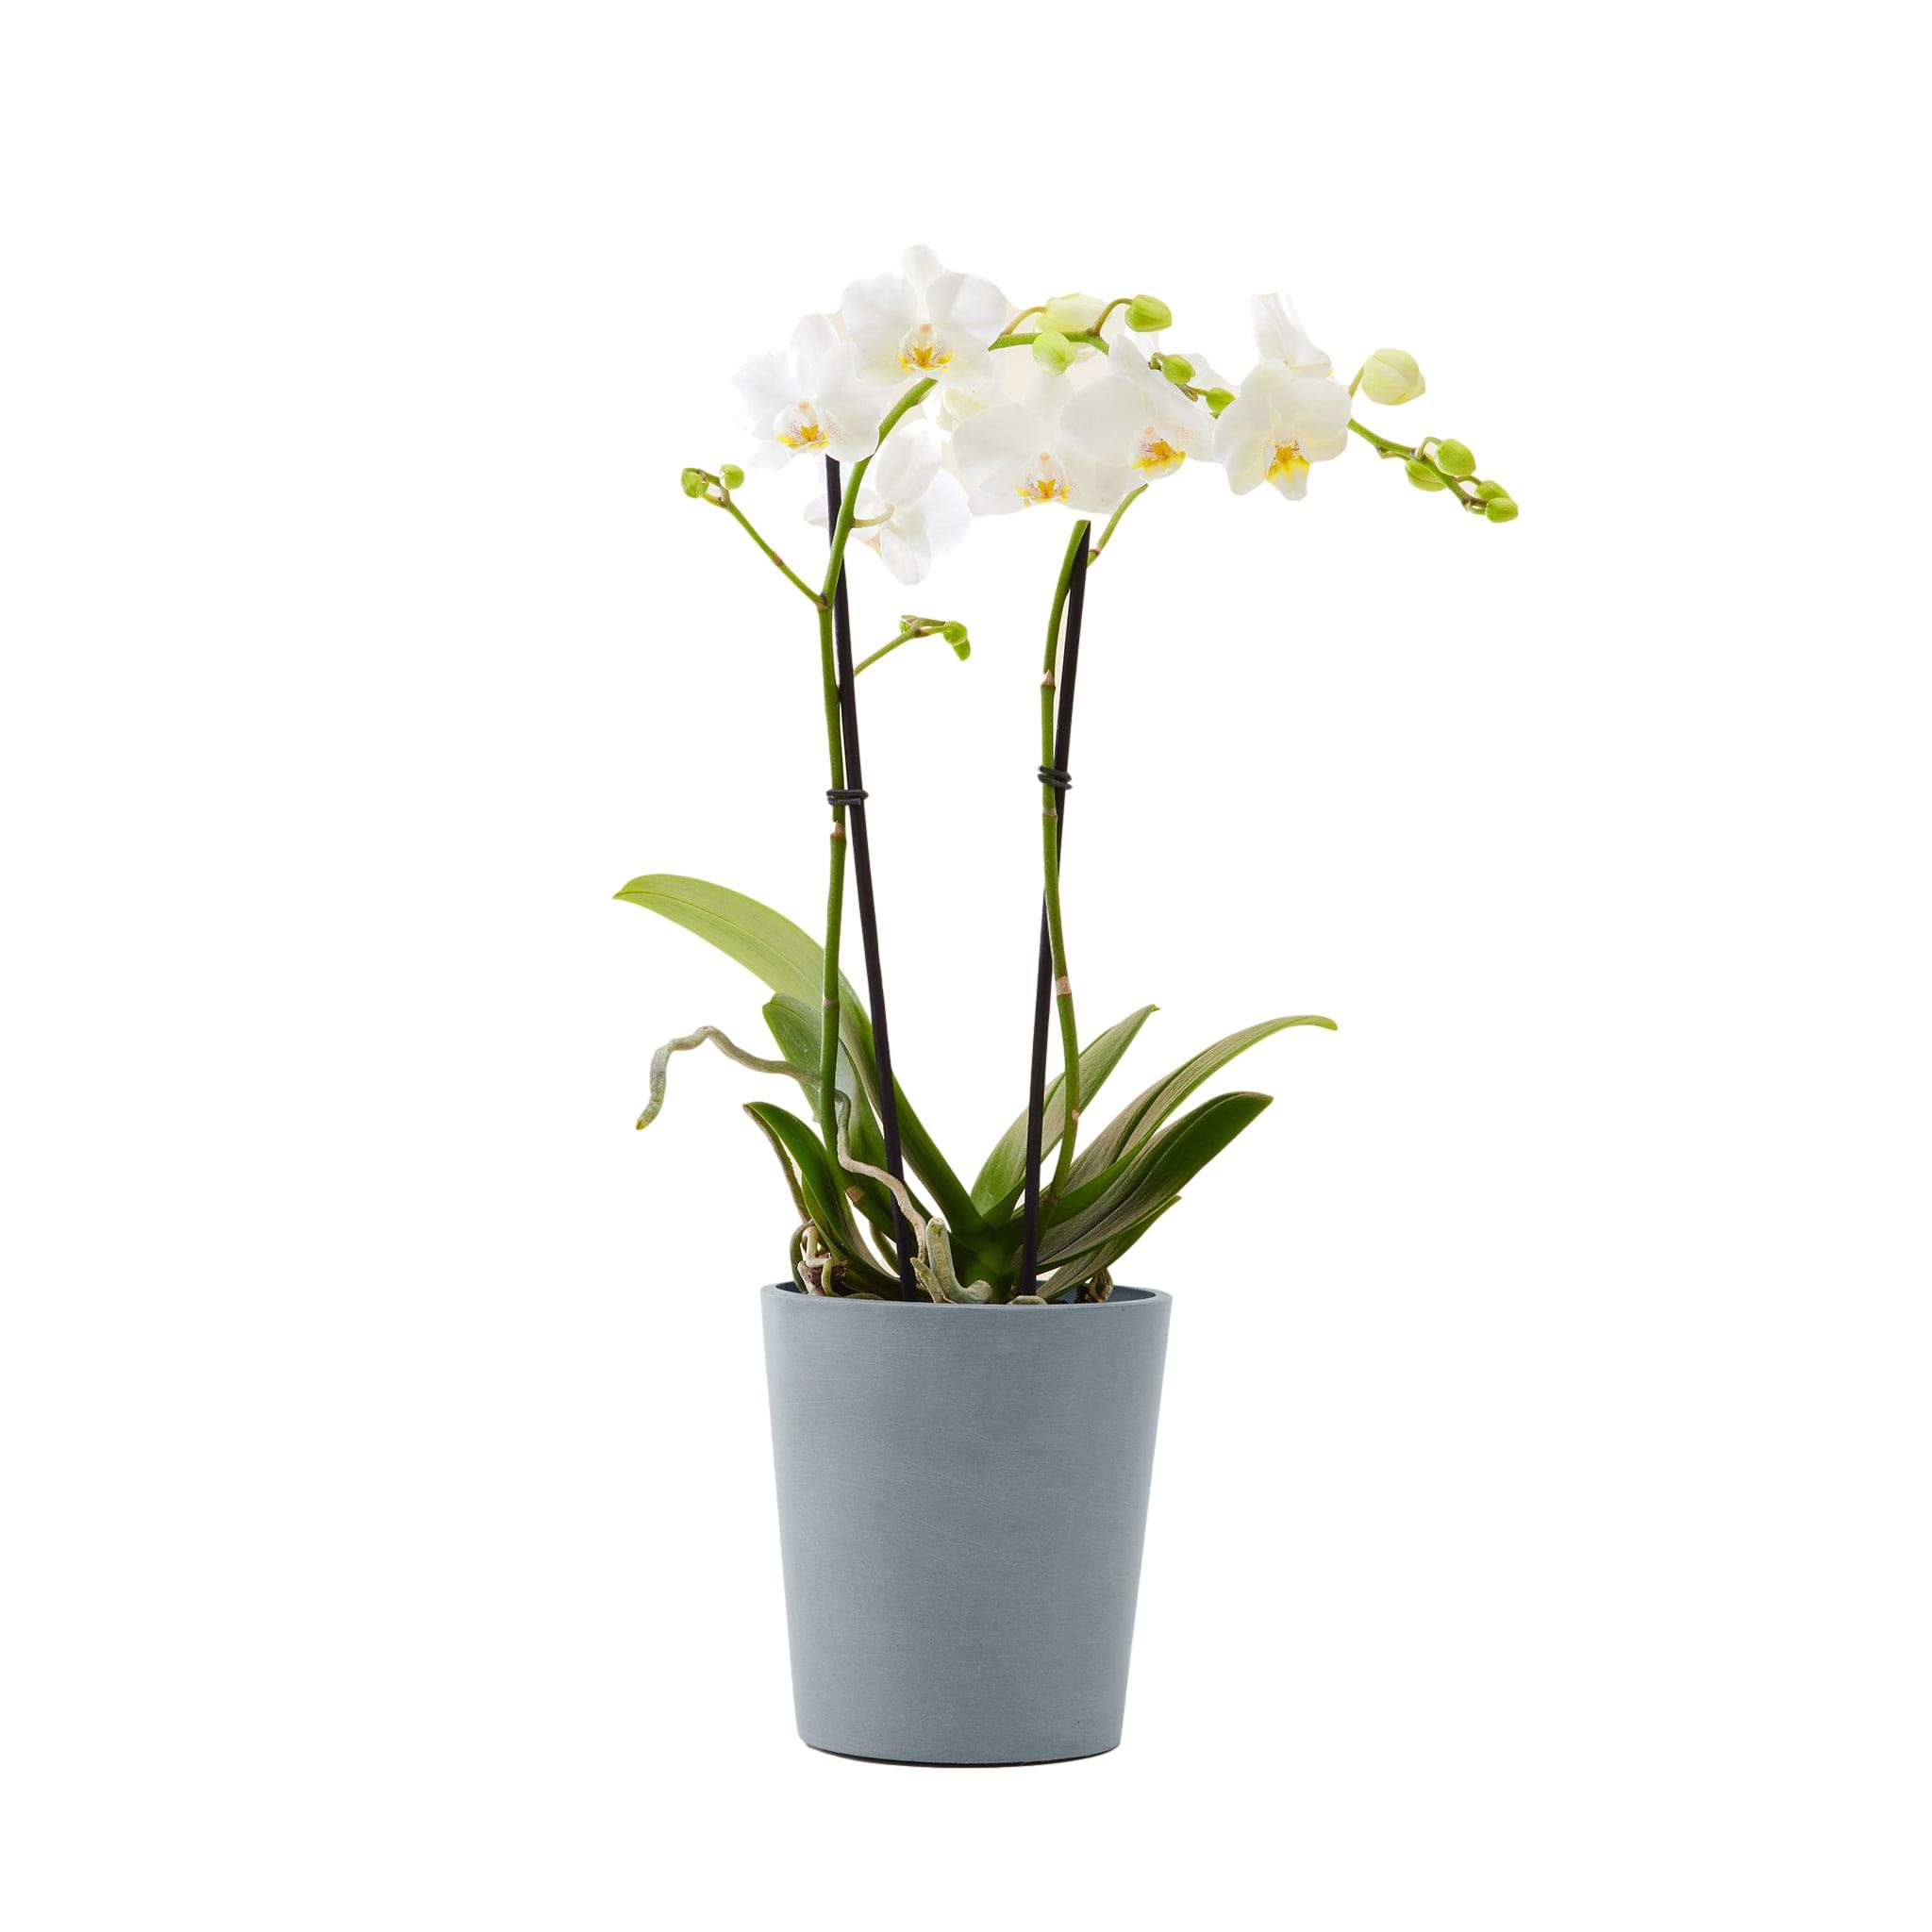 Plante d'intérieur - Orchidée blanche 50 cm en pot bleu gris